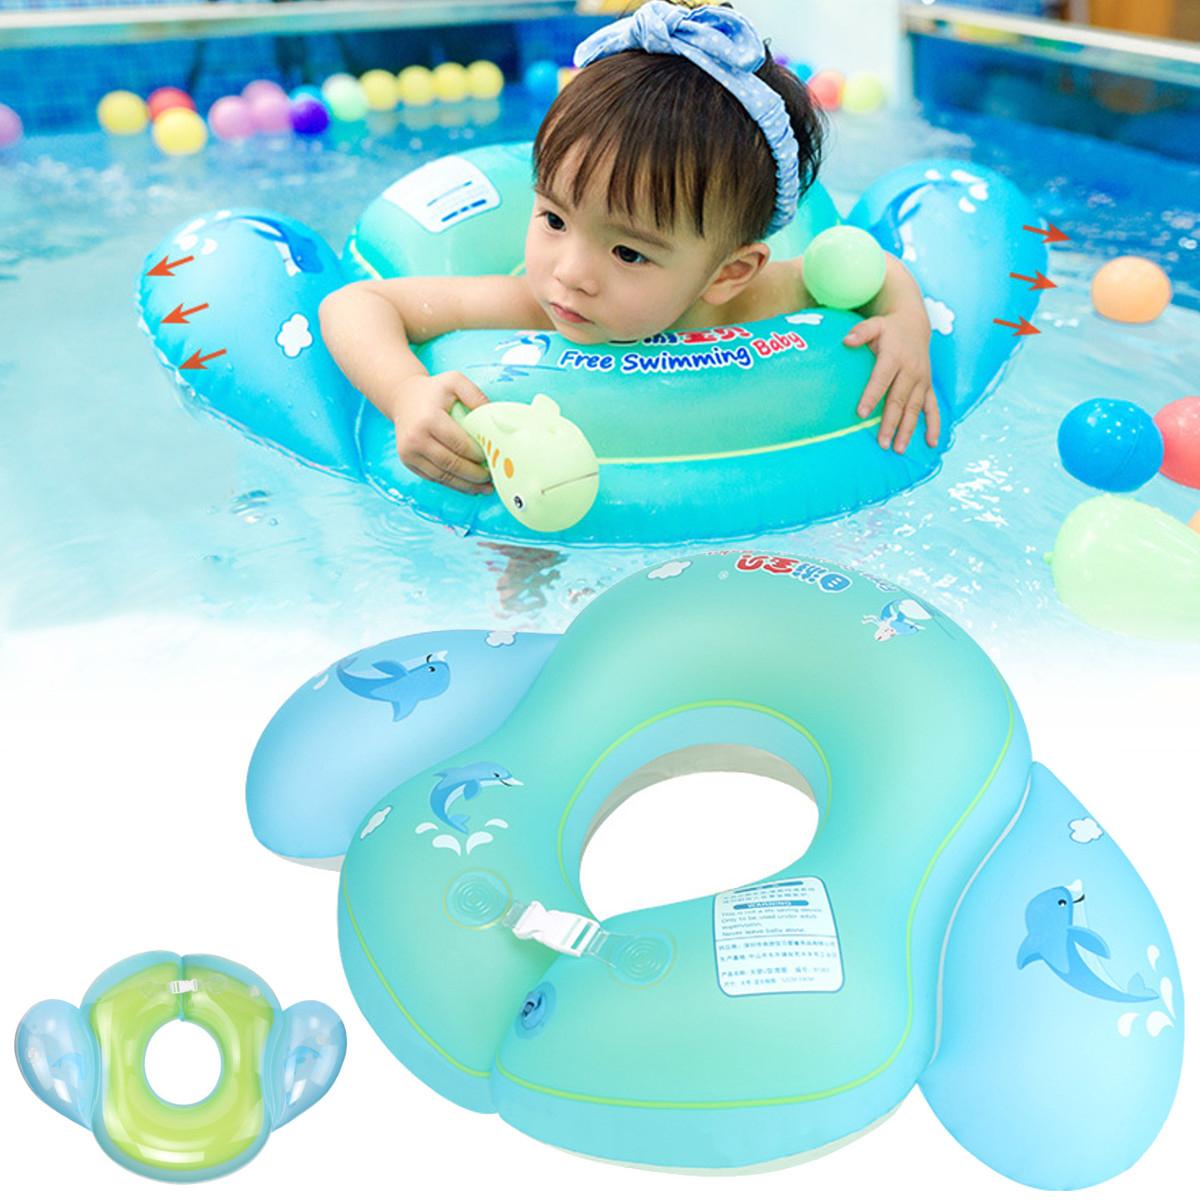 ОткрытыйДетскоеПлаваниеКольцоПлаваниеДети Надувные Младенцы Плавать Тренер Бассейн Water Fun Toy